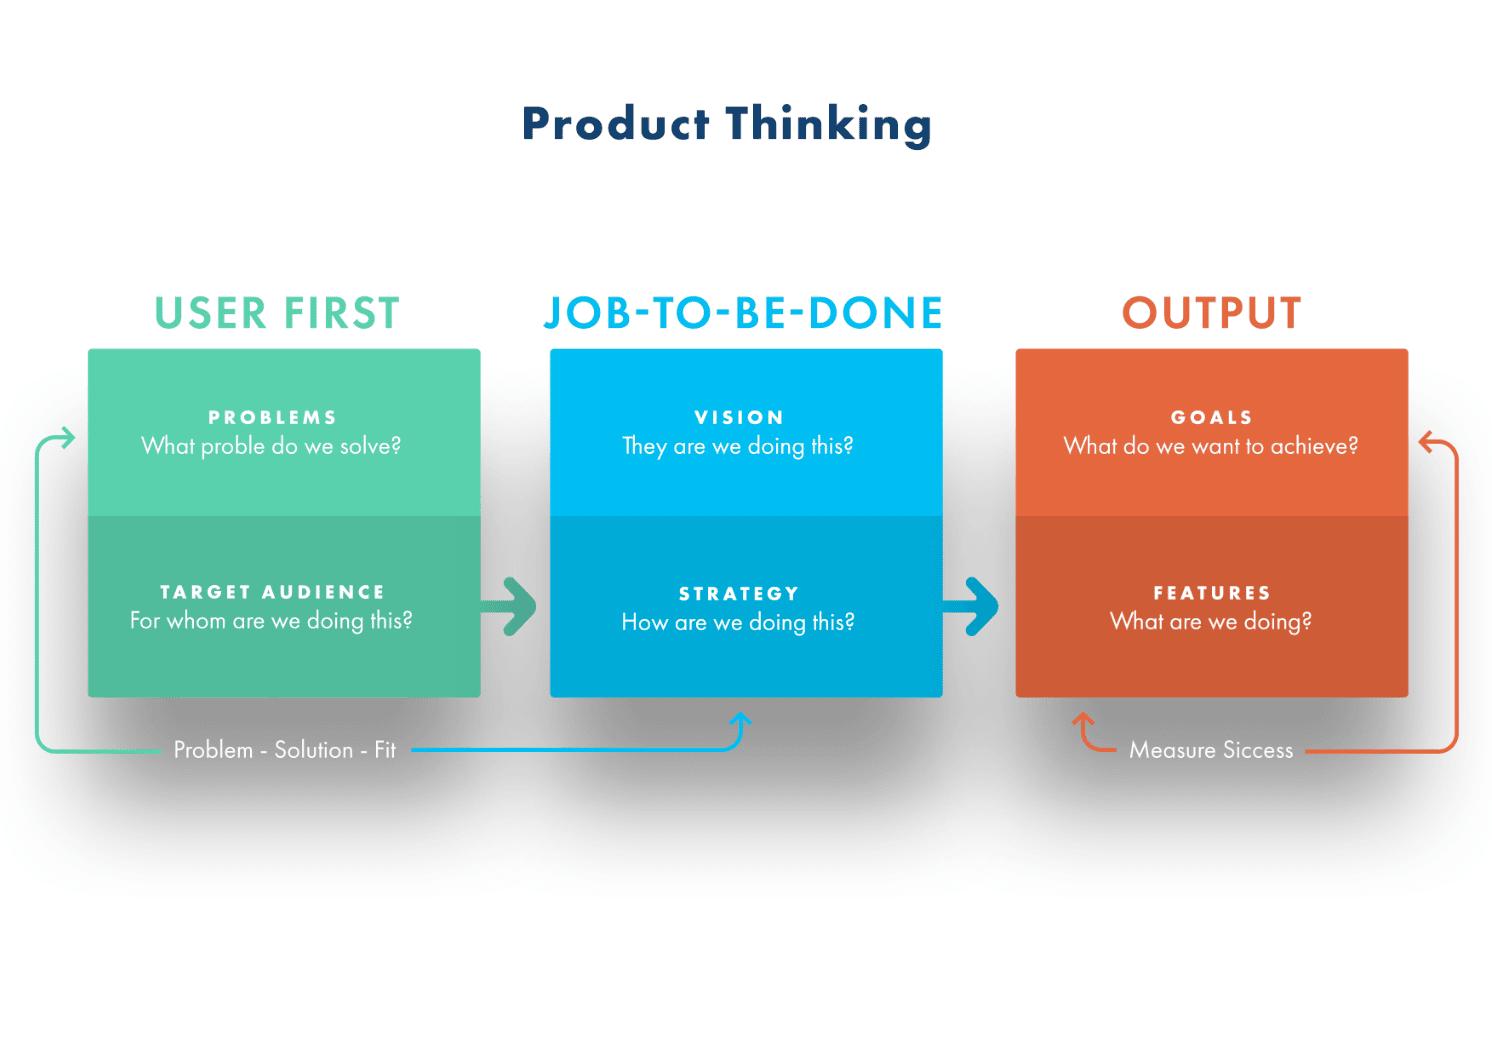 ux-product-thinking